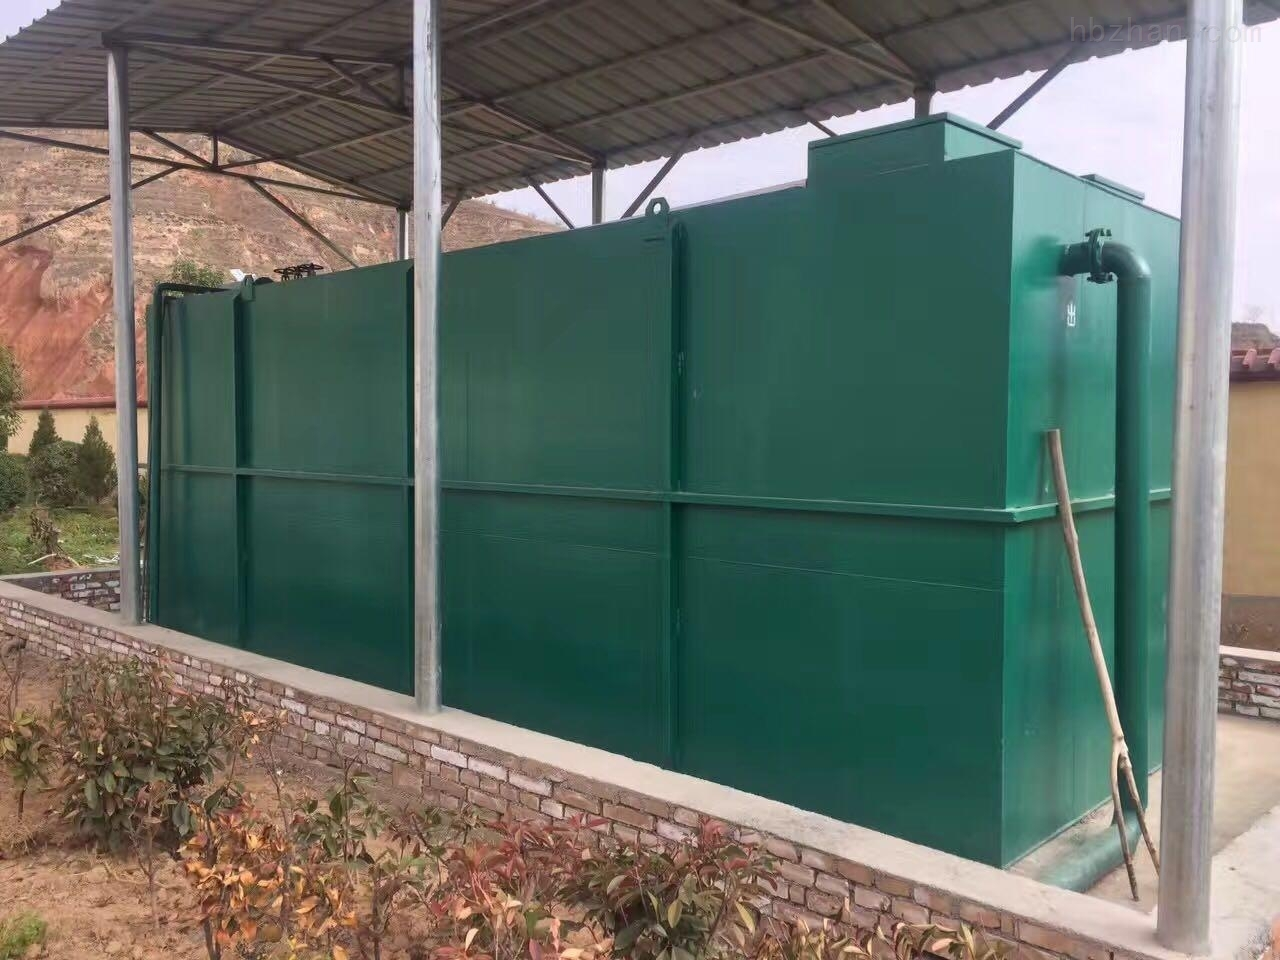 乌鲁木齐市食品污水处理设备定制